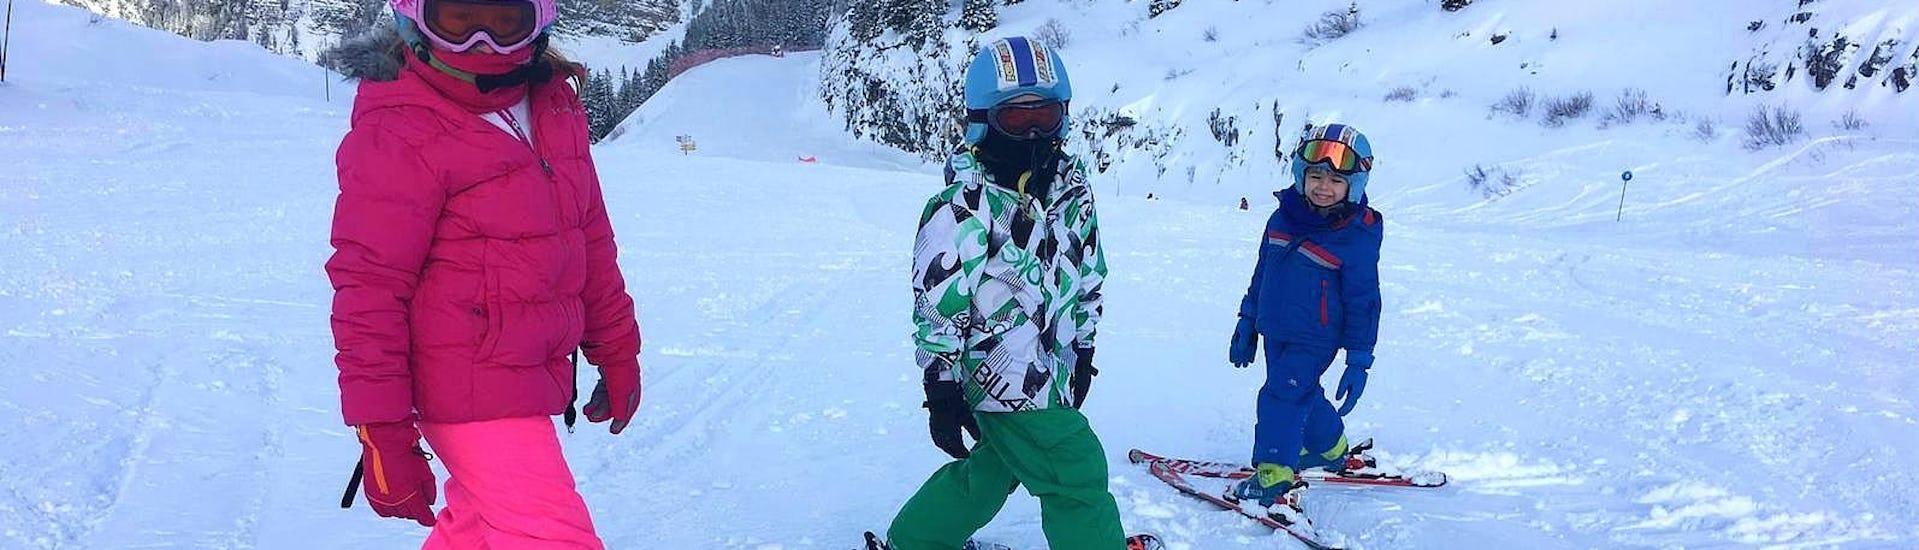 Un groupe d'enfants fait face à l'appareil photo avant de s'élancer sur la piste pendant leur Cours de ski Enfants + Forfait (5-6 ans) - Matin - Débutant avec l'école de ski ESI Easy2Ride Morzine.